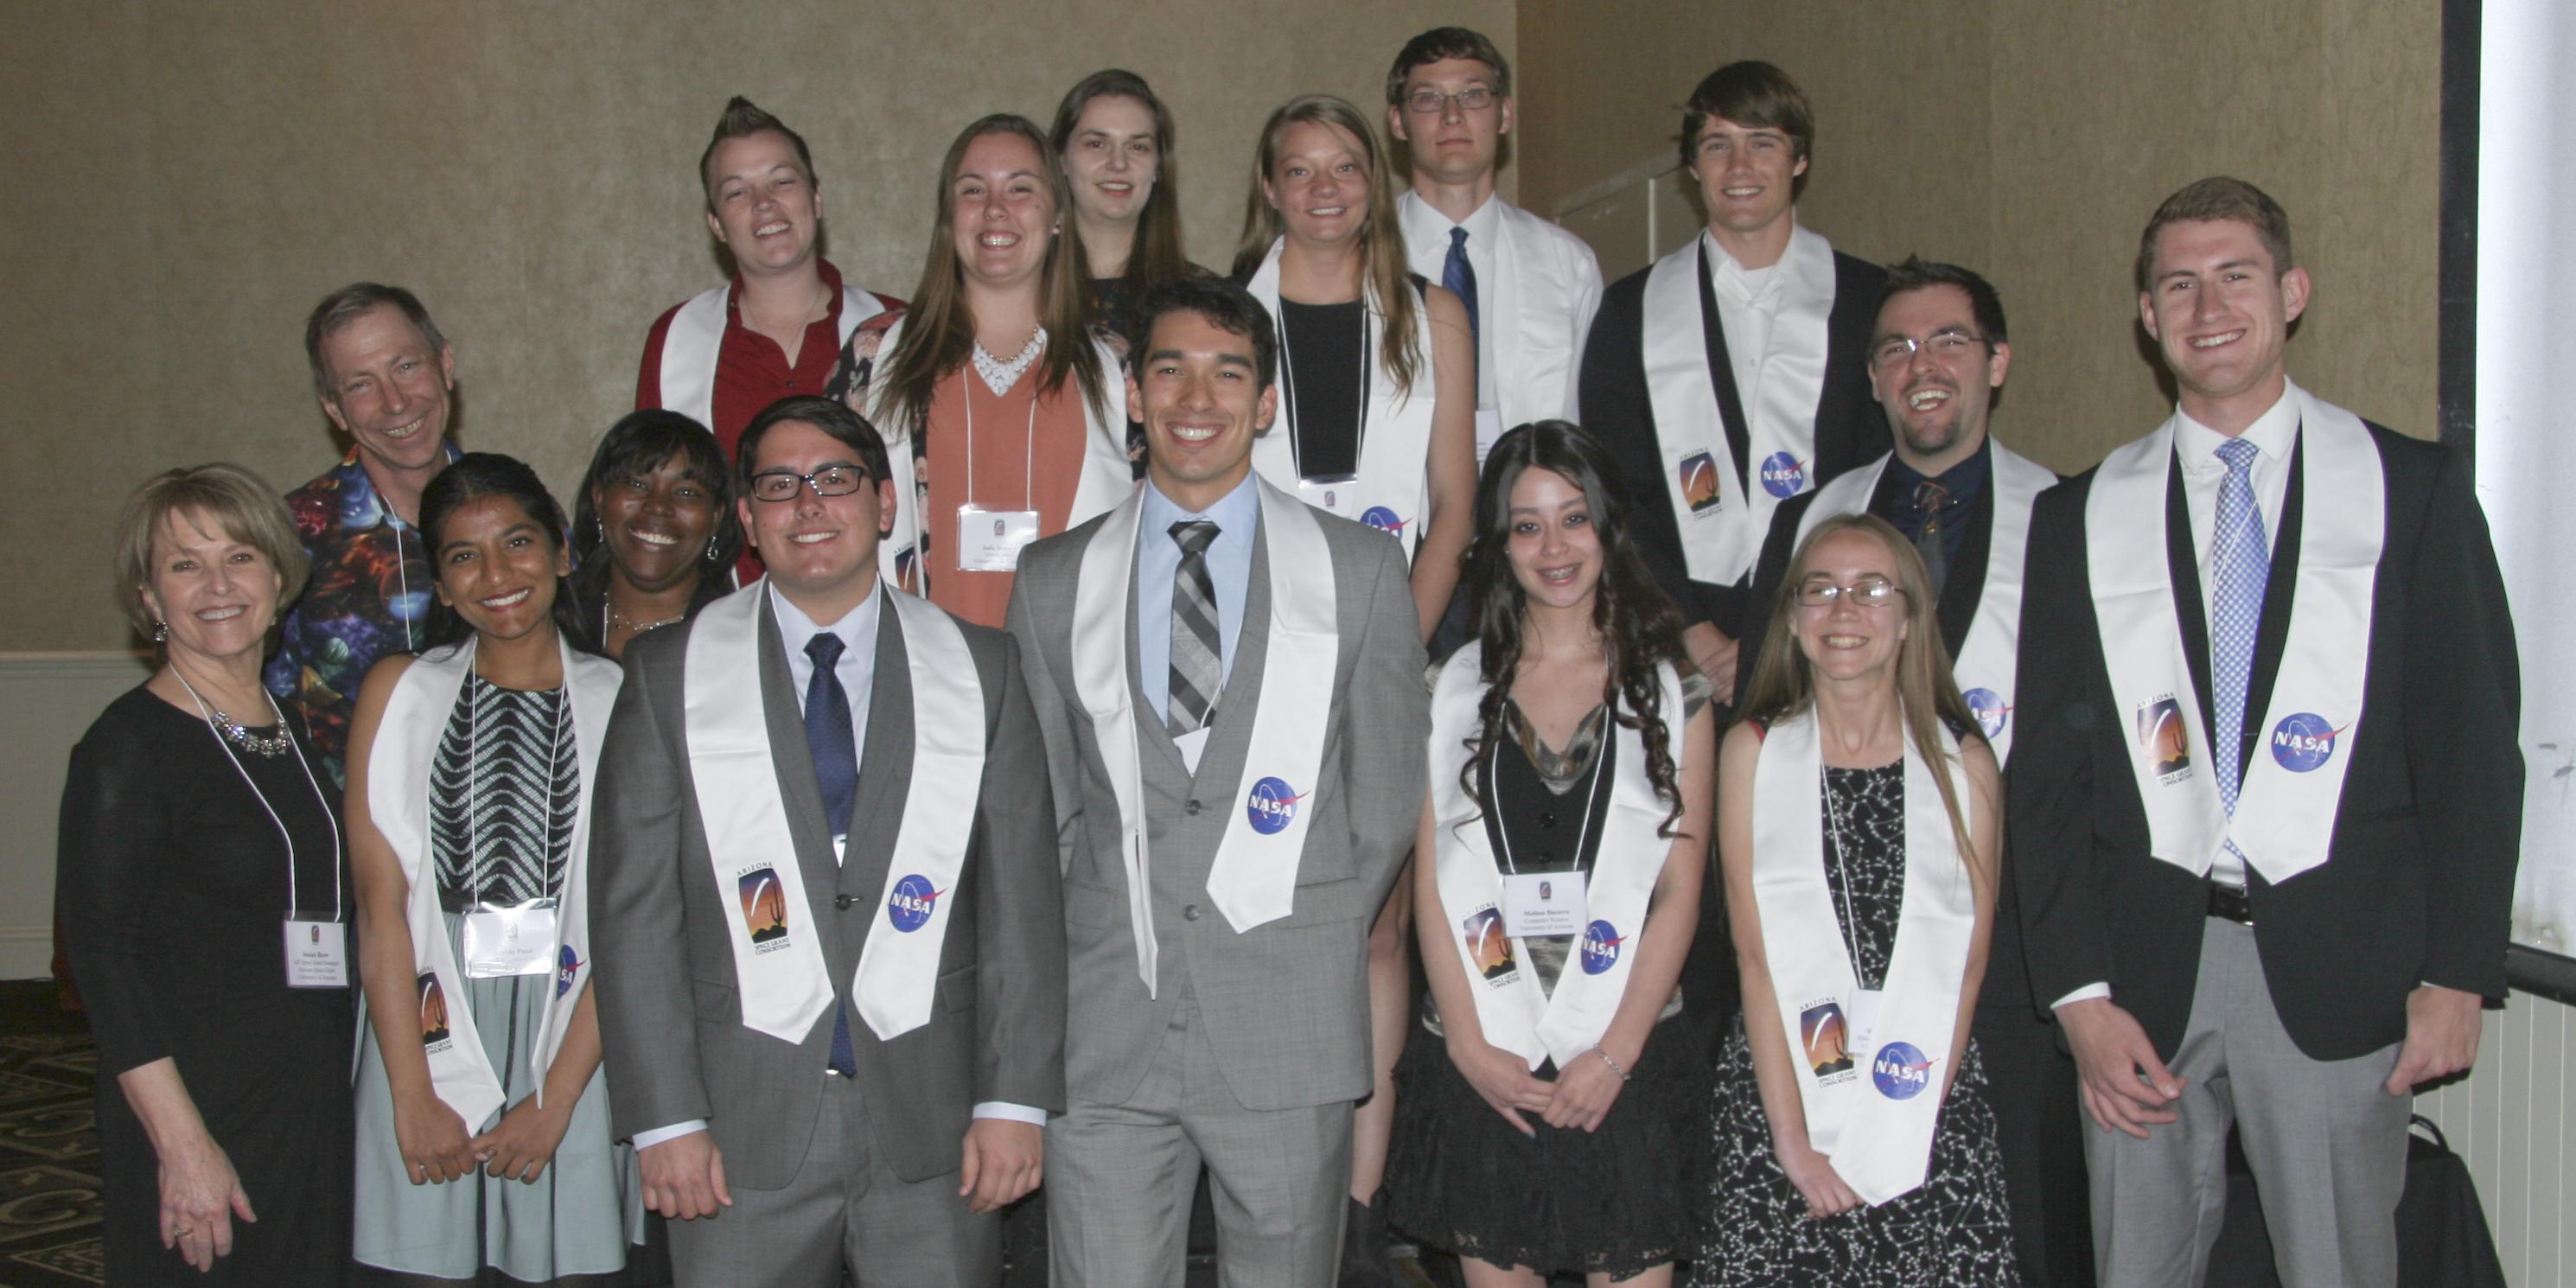 2016 Space Grant Symposium Banquet: UA Graduating Interns